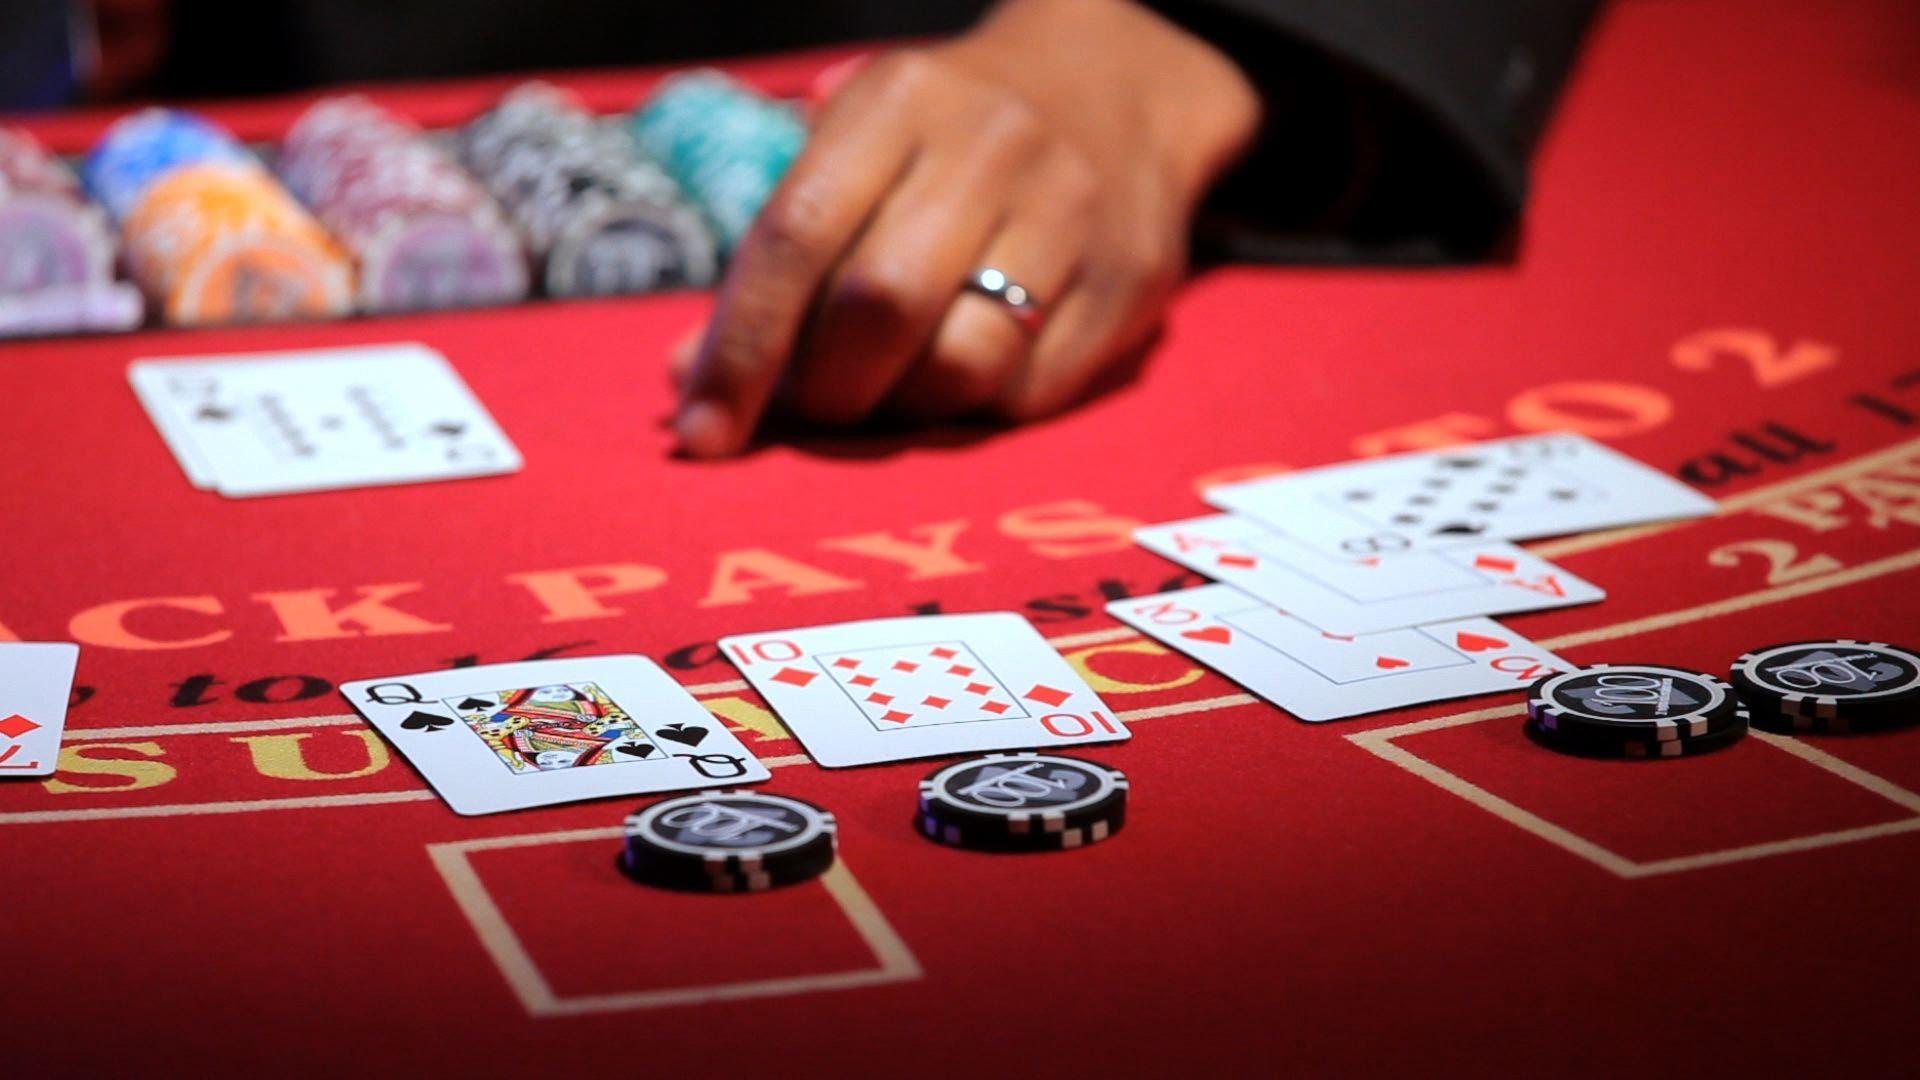 Une méthode pour vaincre le croupier au blackjack